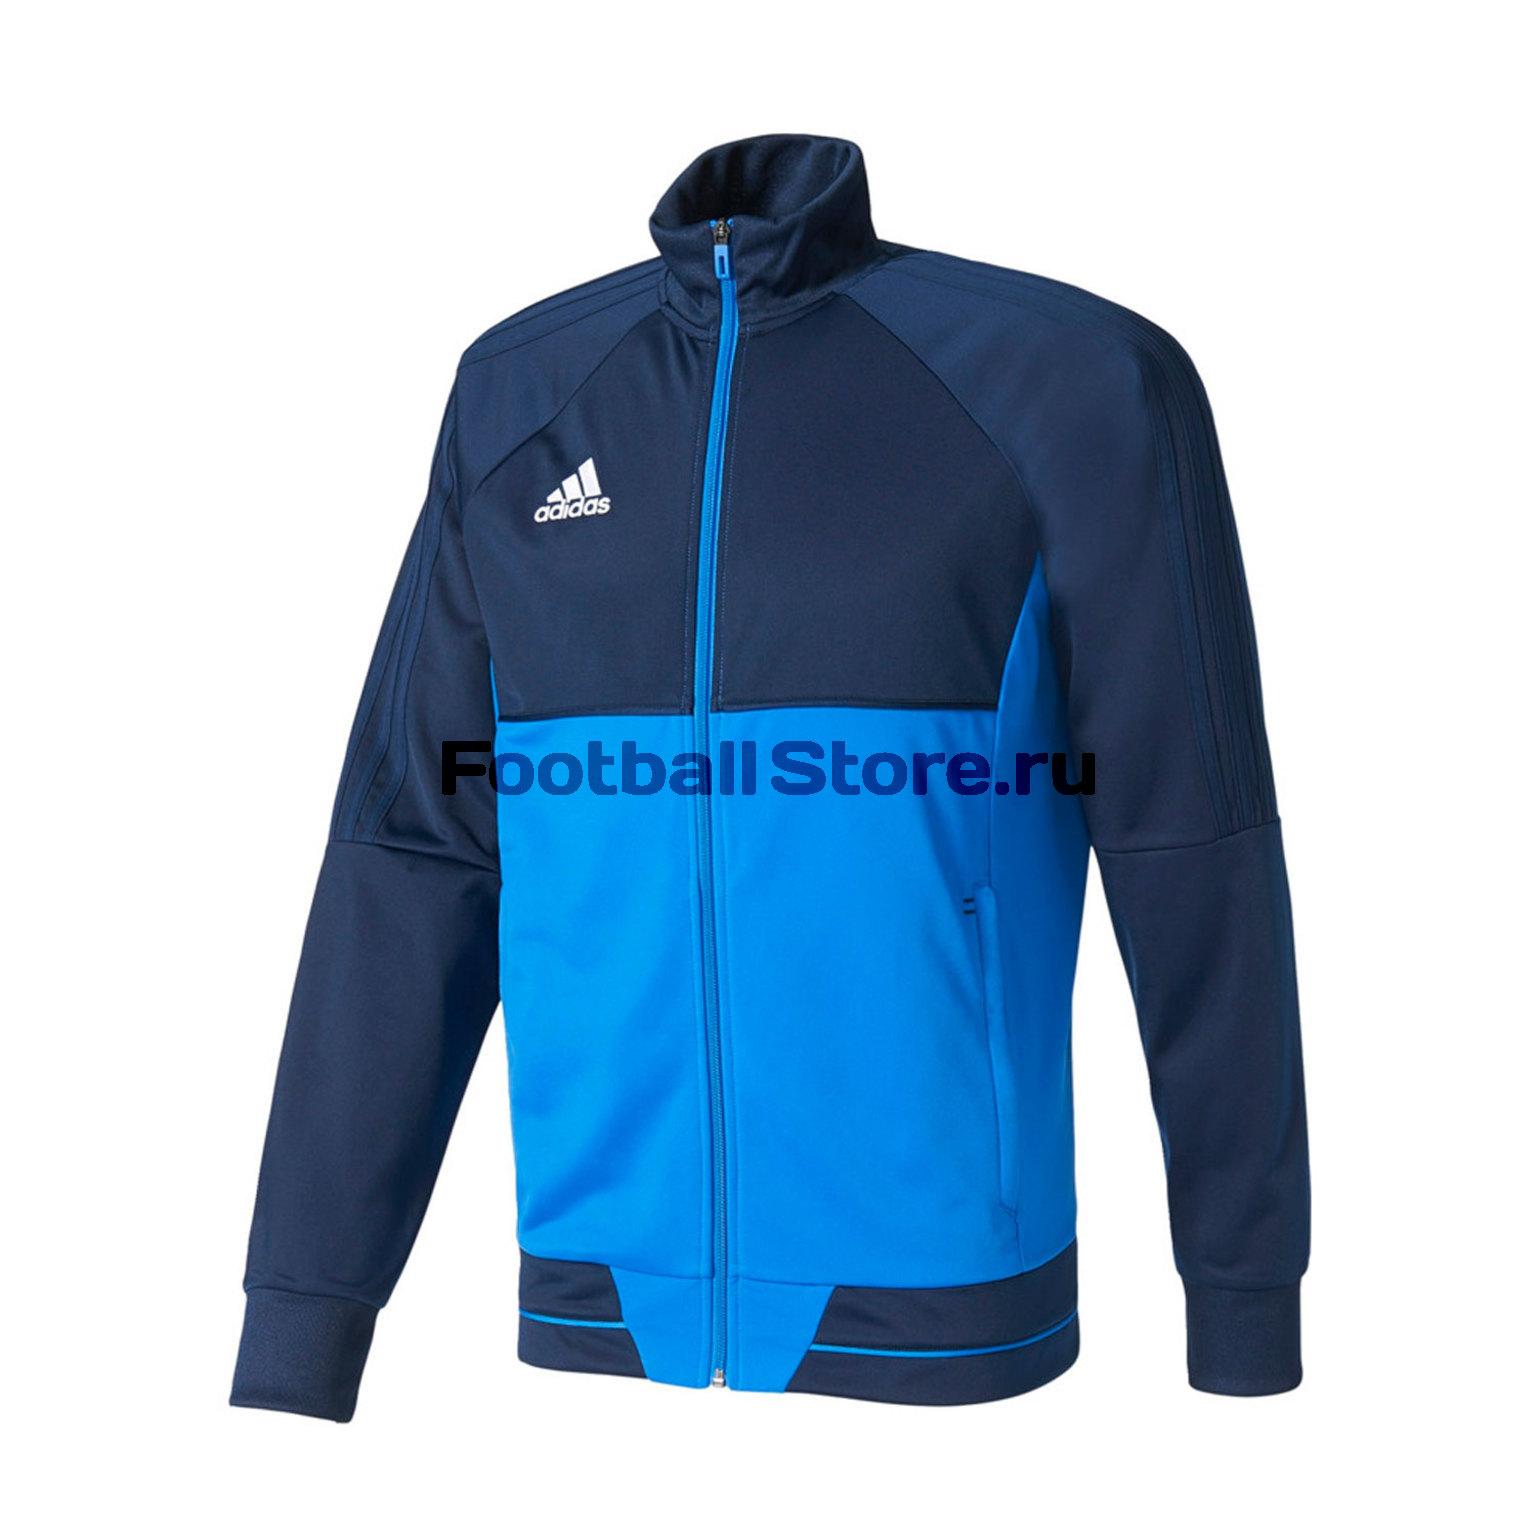 Олимпийка Adidas Tiro17 Pes JKT BQ2597 цена